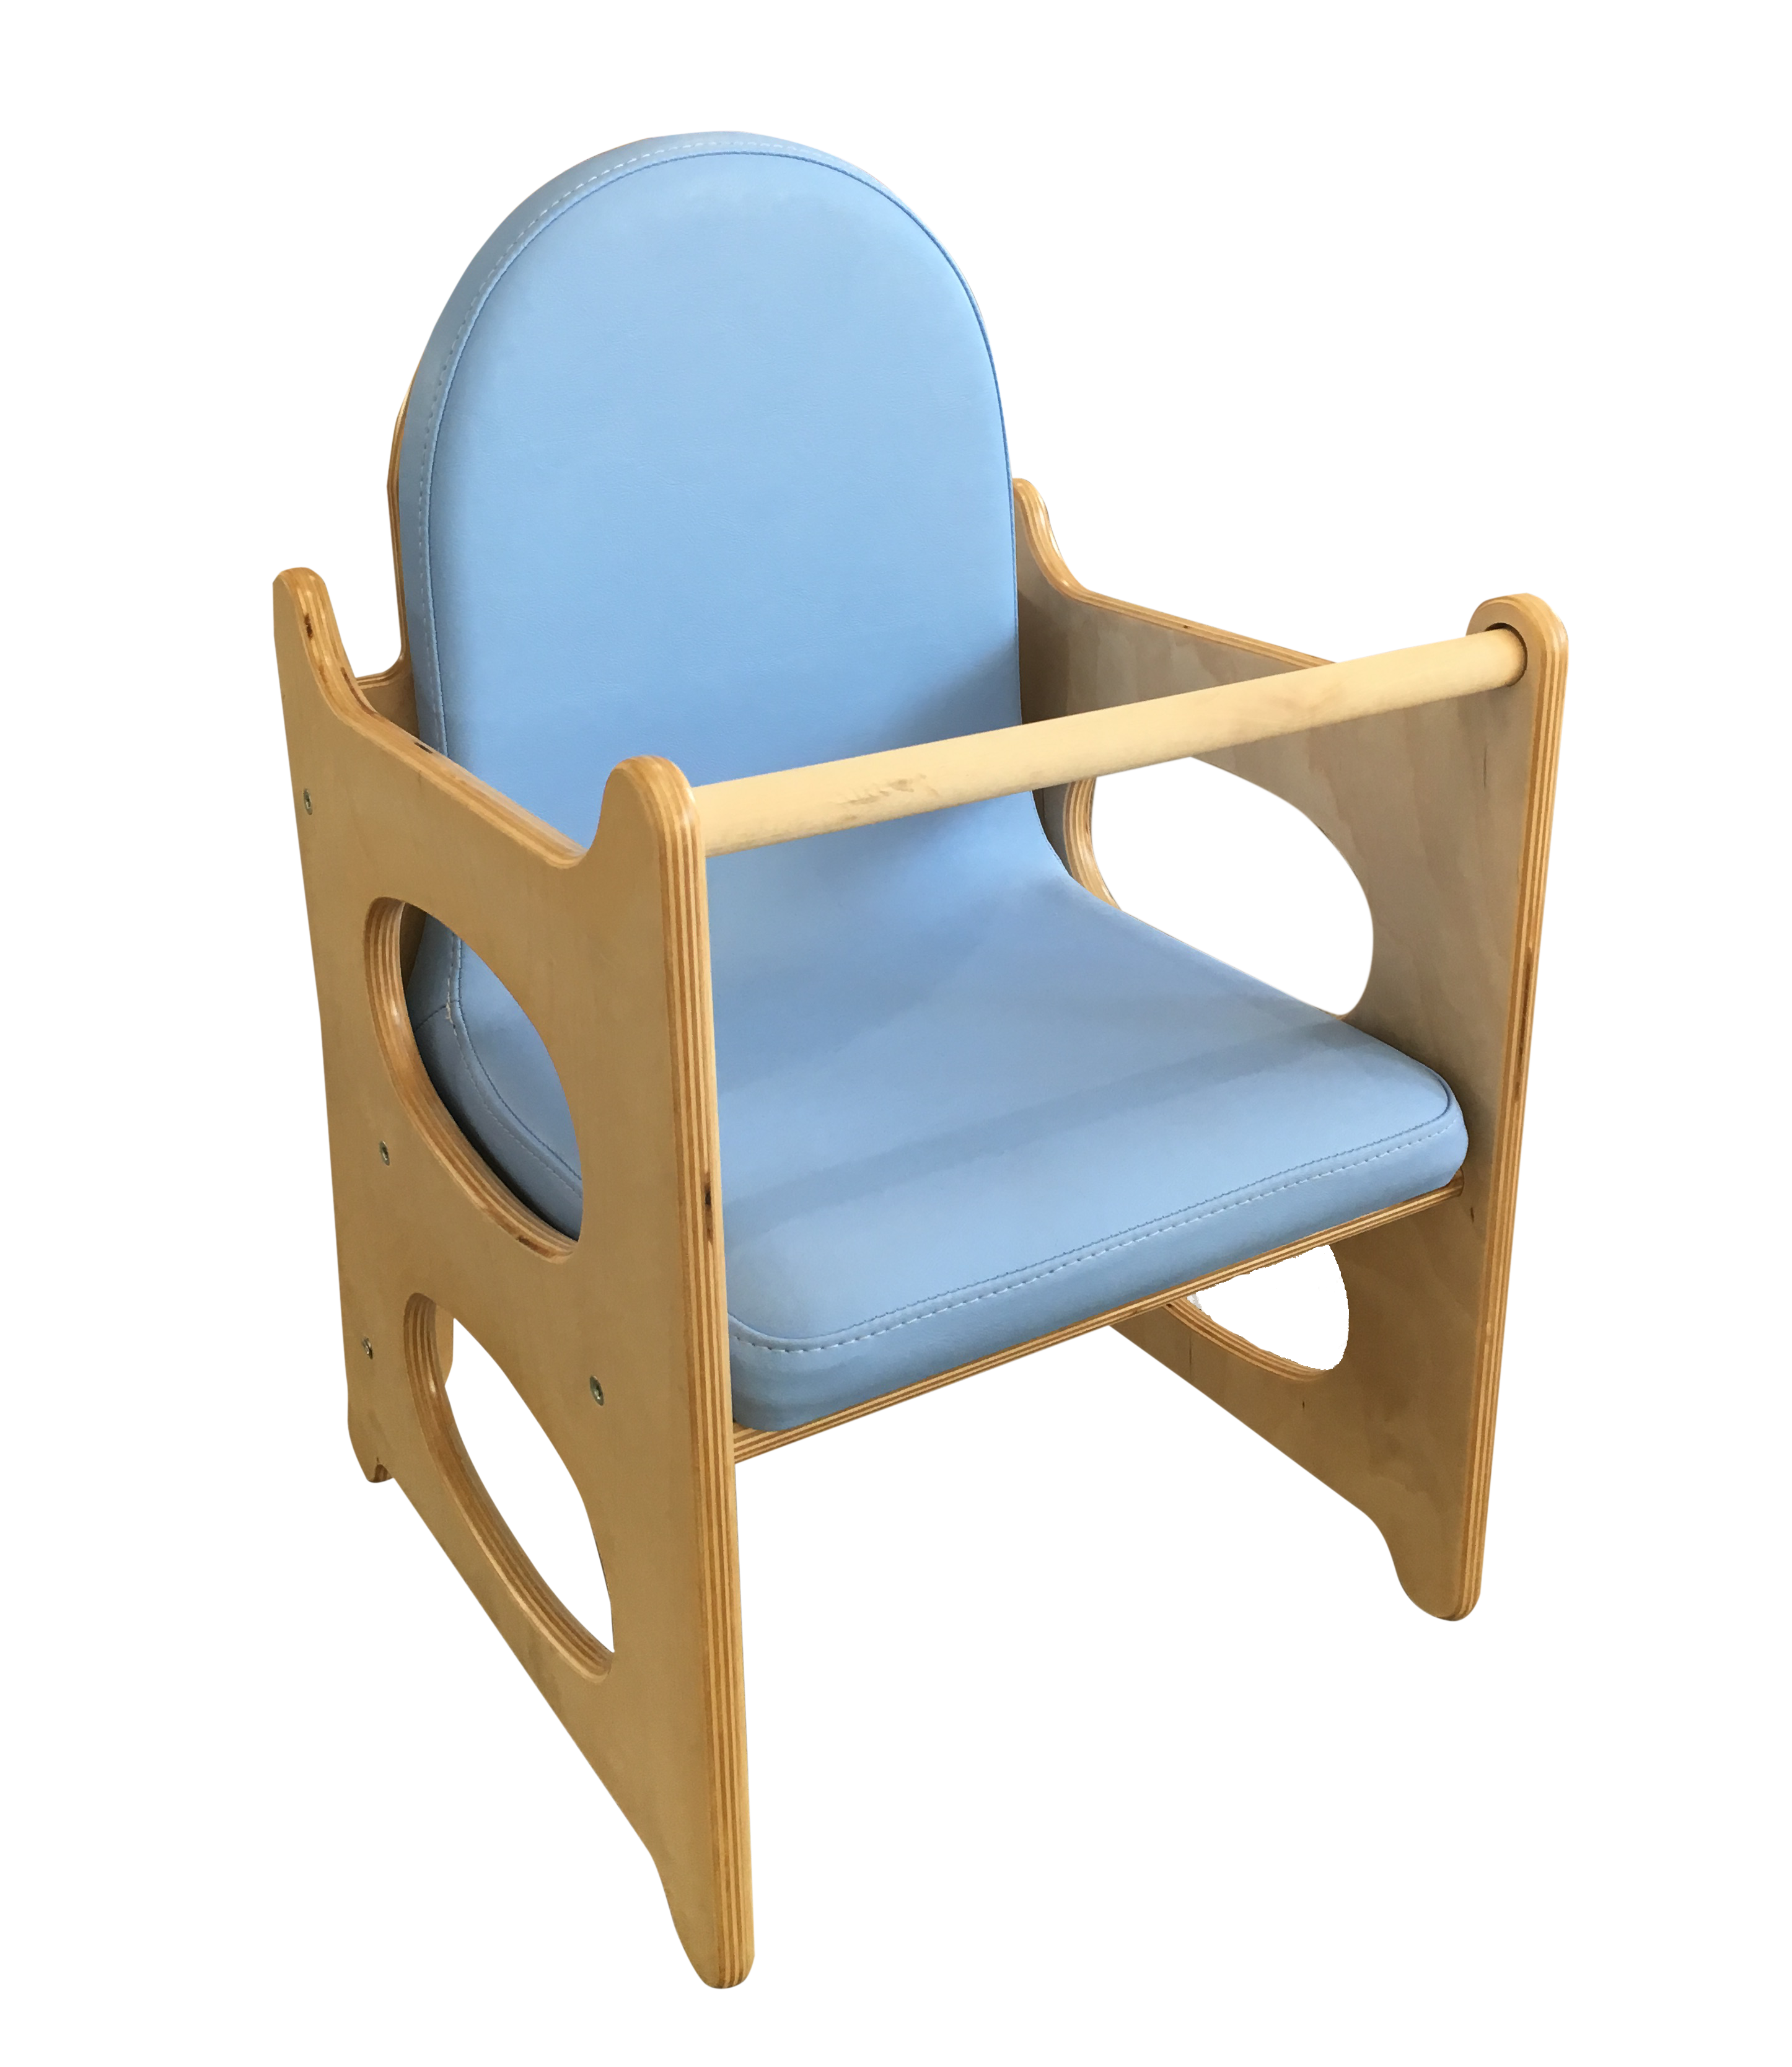 Seggiolone per bambini in legno Con imbottitura lavabile e cinturino di sicurezza